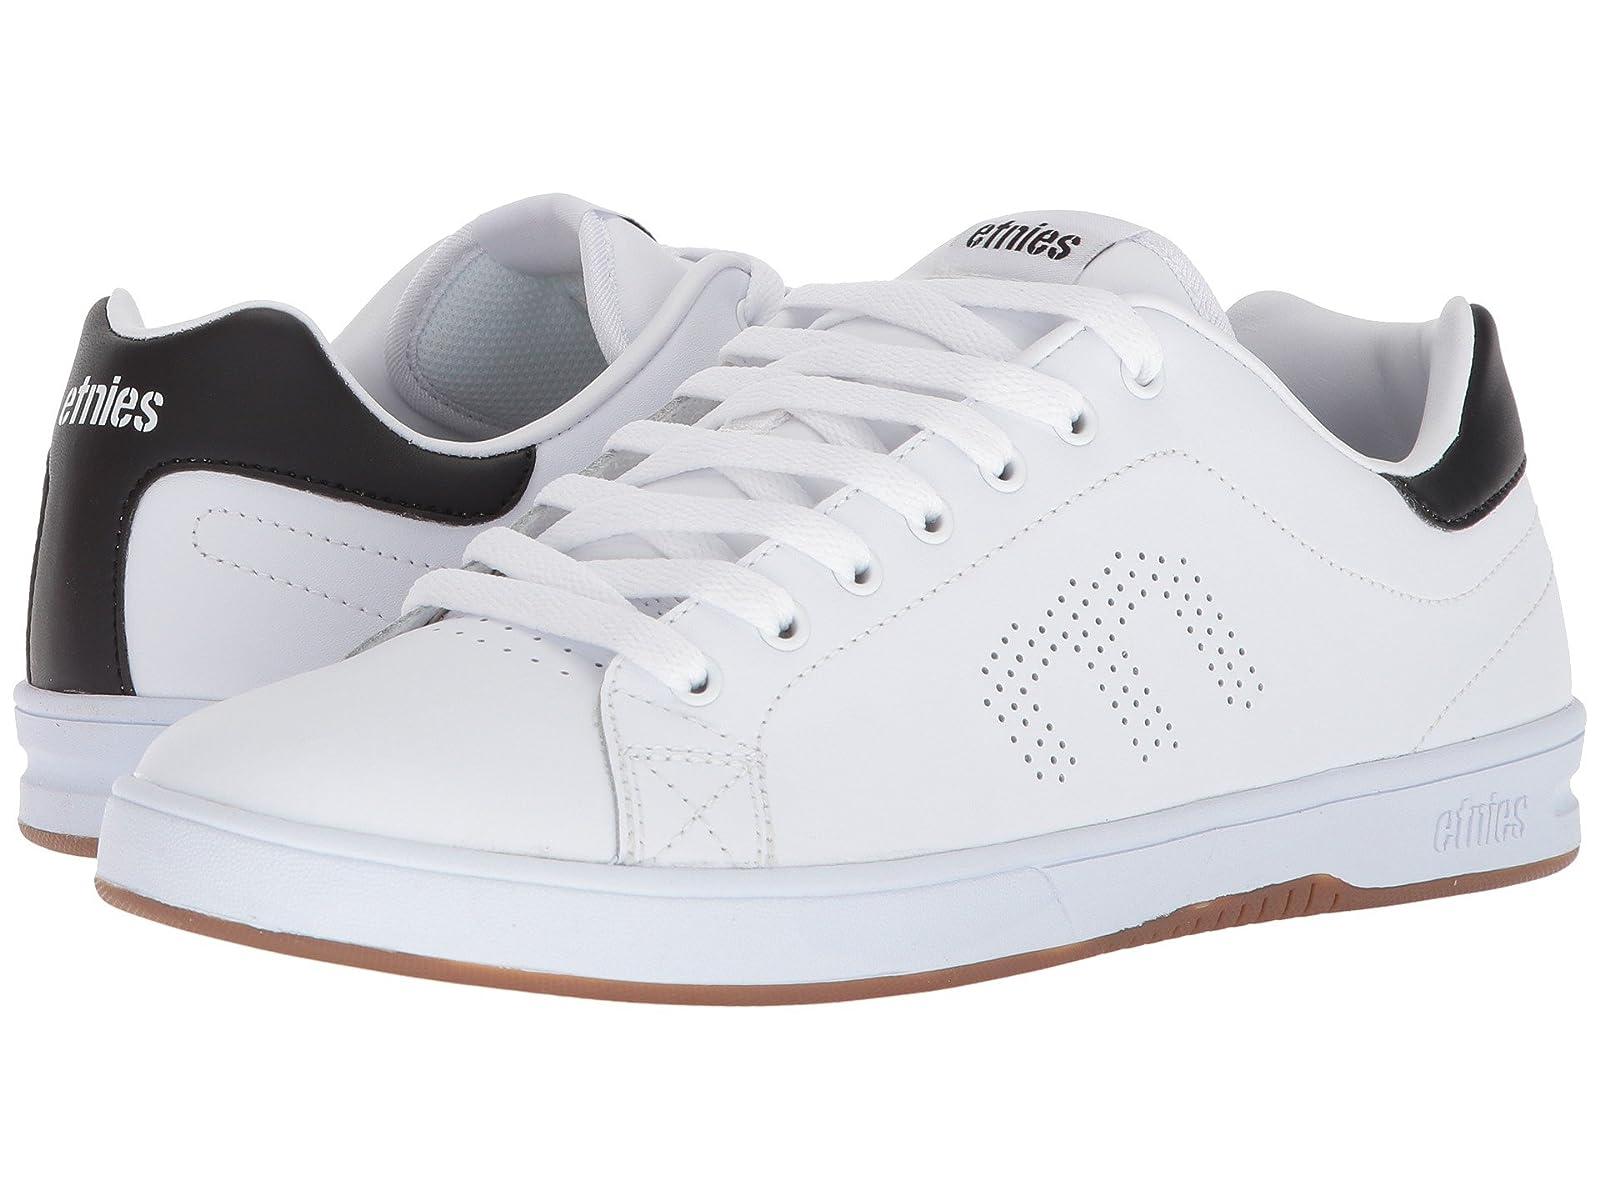 etnies Callicut LSAtmospheric grades have affordable shoes